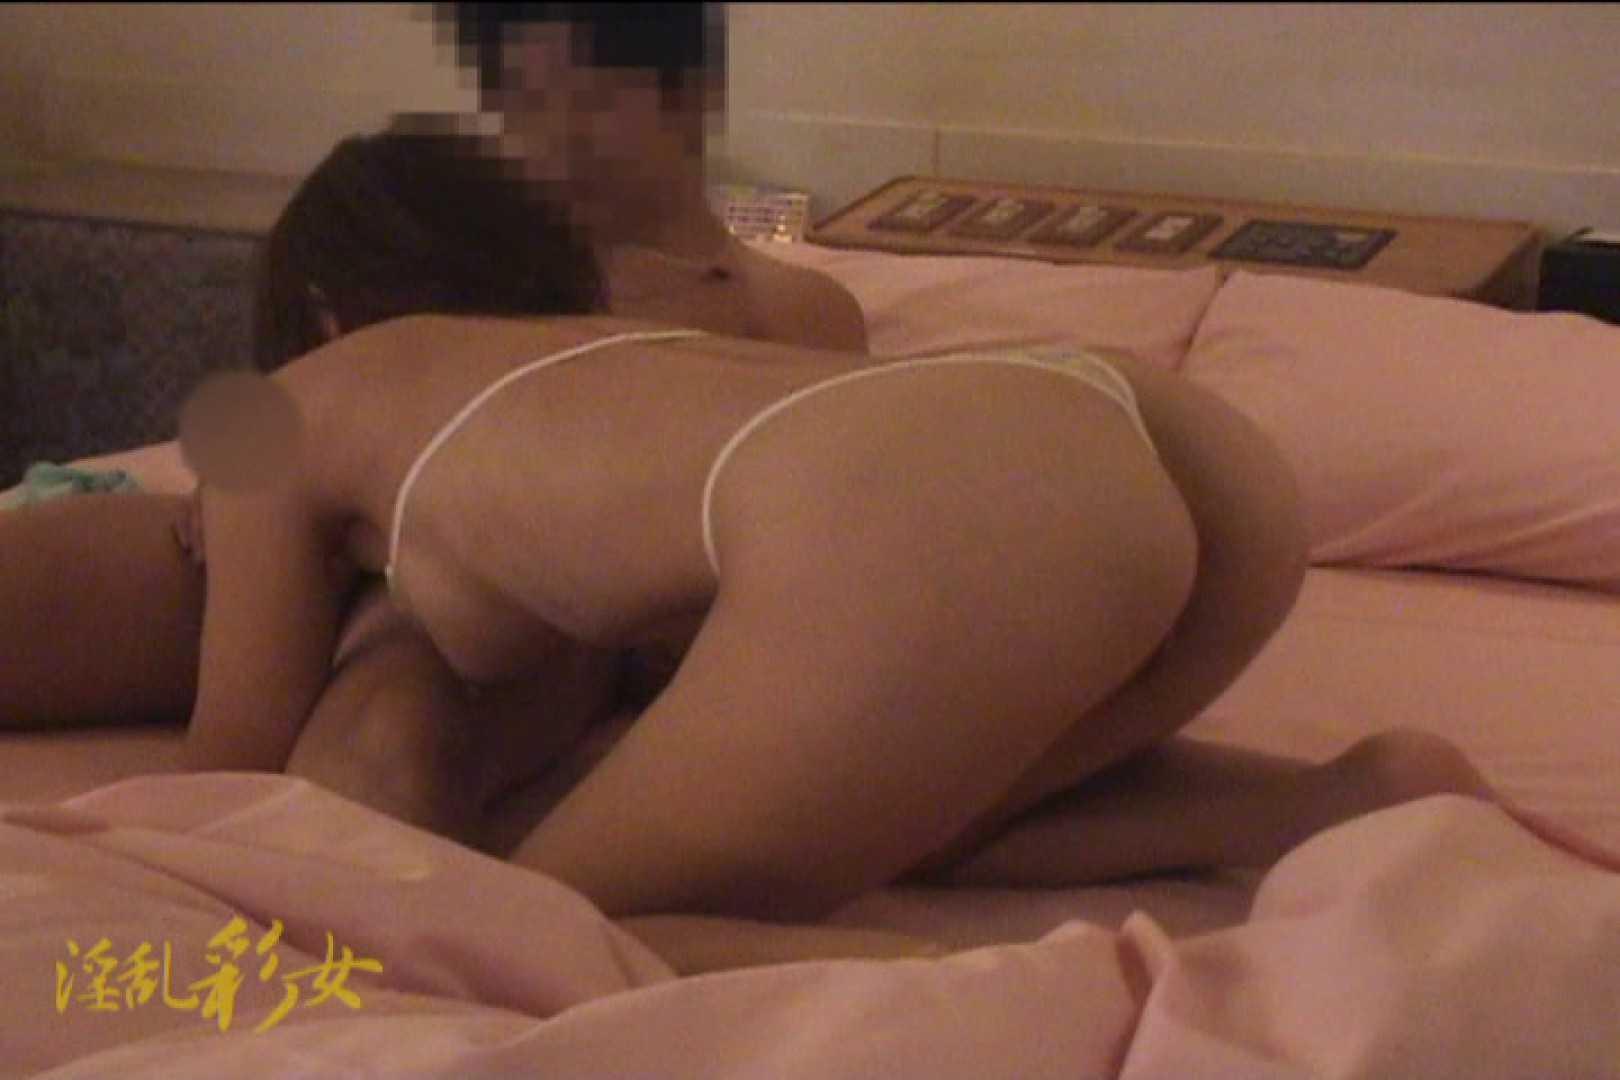 淫乱彩女 麻優里 旦那が撮影し単独さんが中出し 他人棒  33連発 6